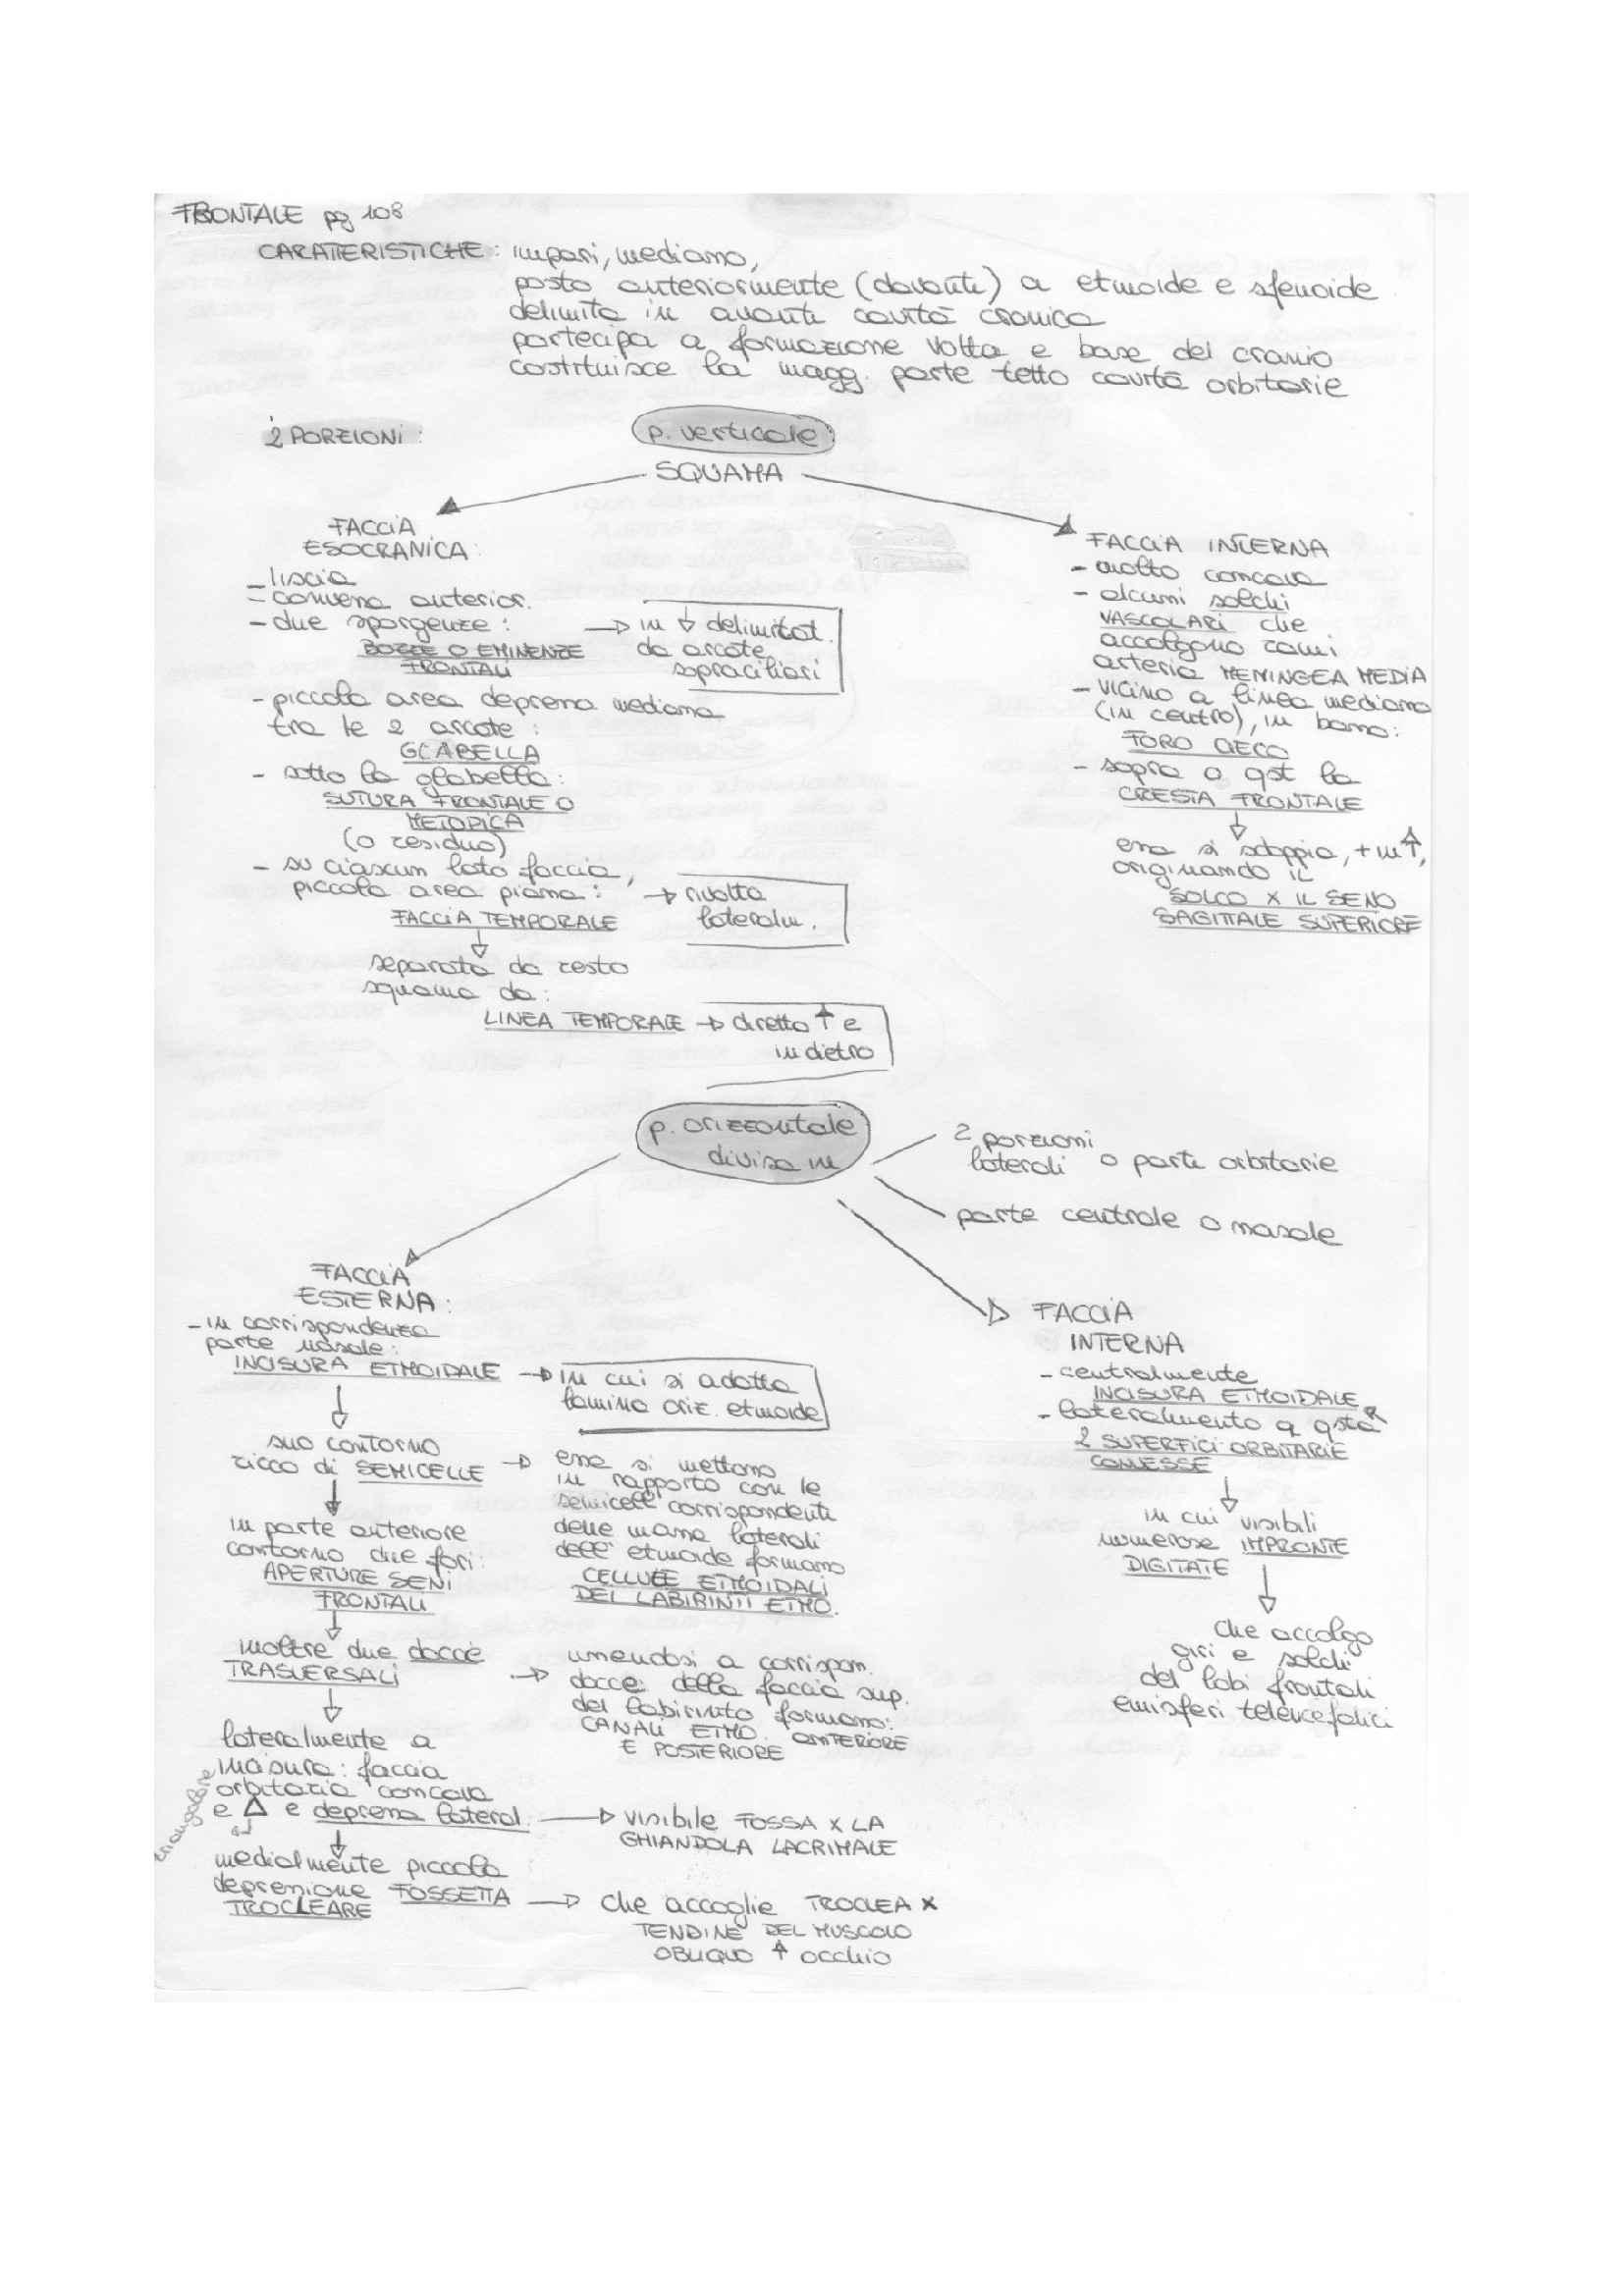 Anatomia degli organi e degli apparati - schema osso frontale